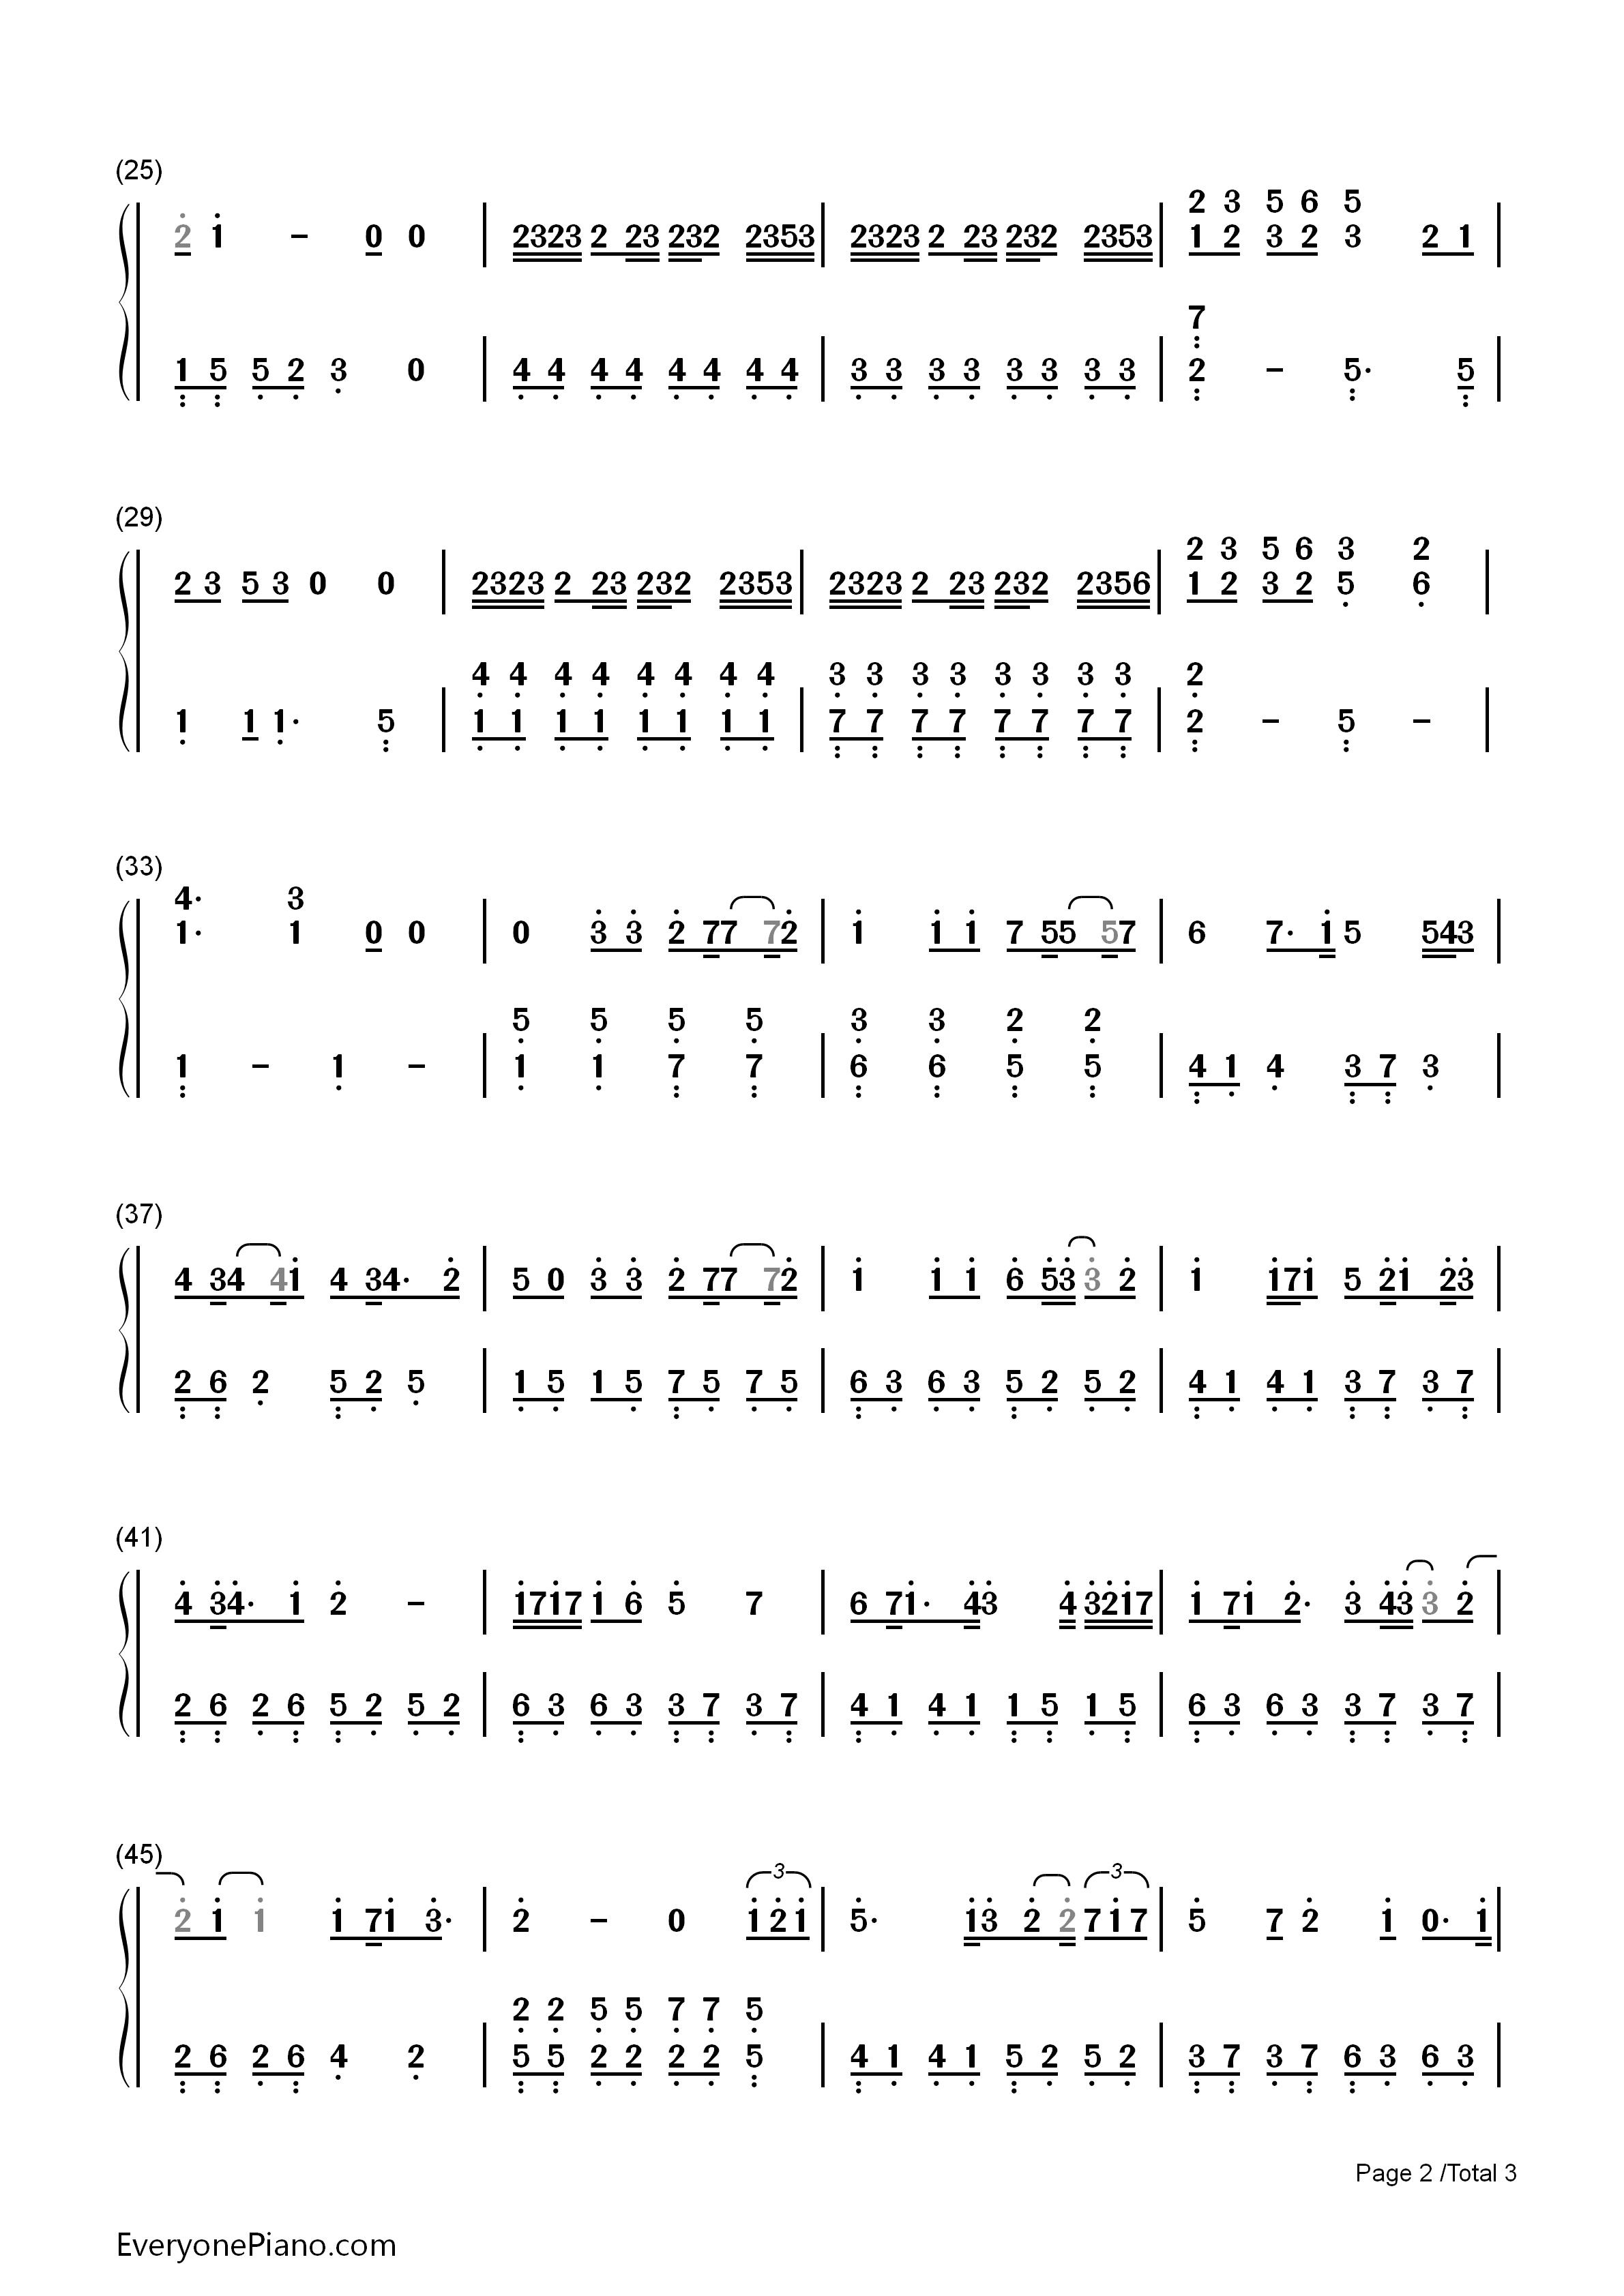 钢琴曲谱 流行 房间-刘瑞琪 房间-刘瑞琪双手简谱预览2  }  仅供学习